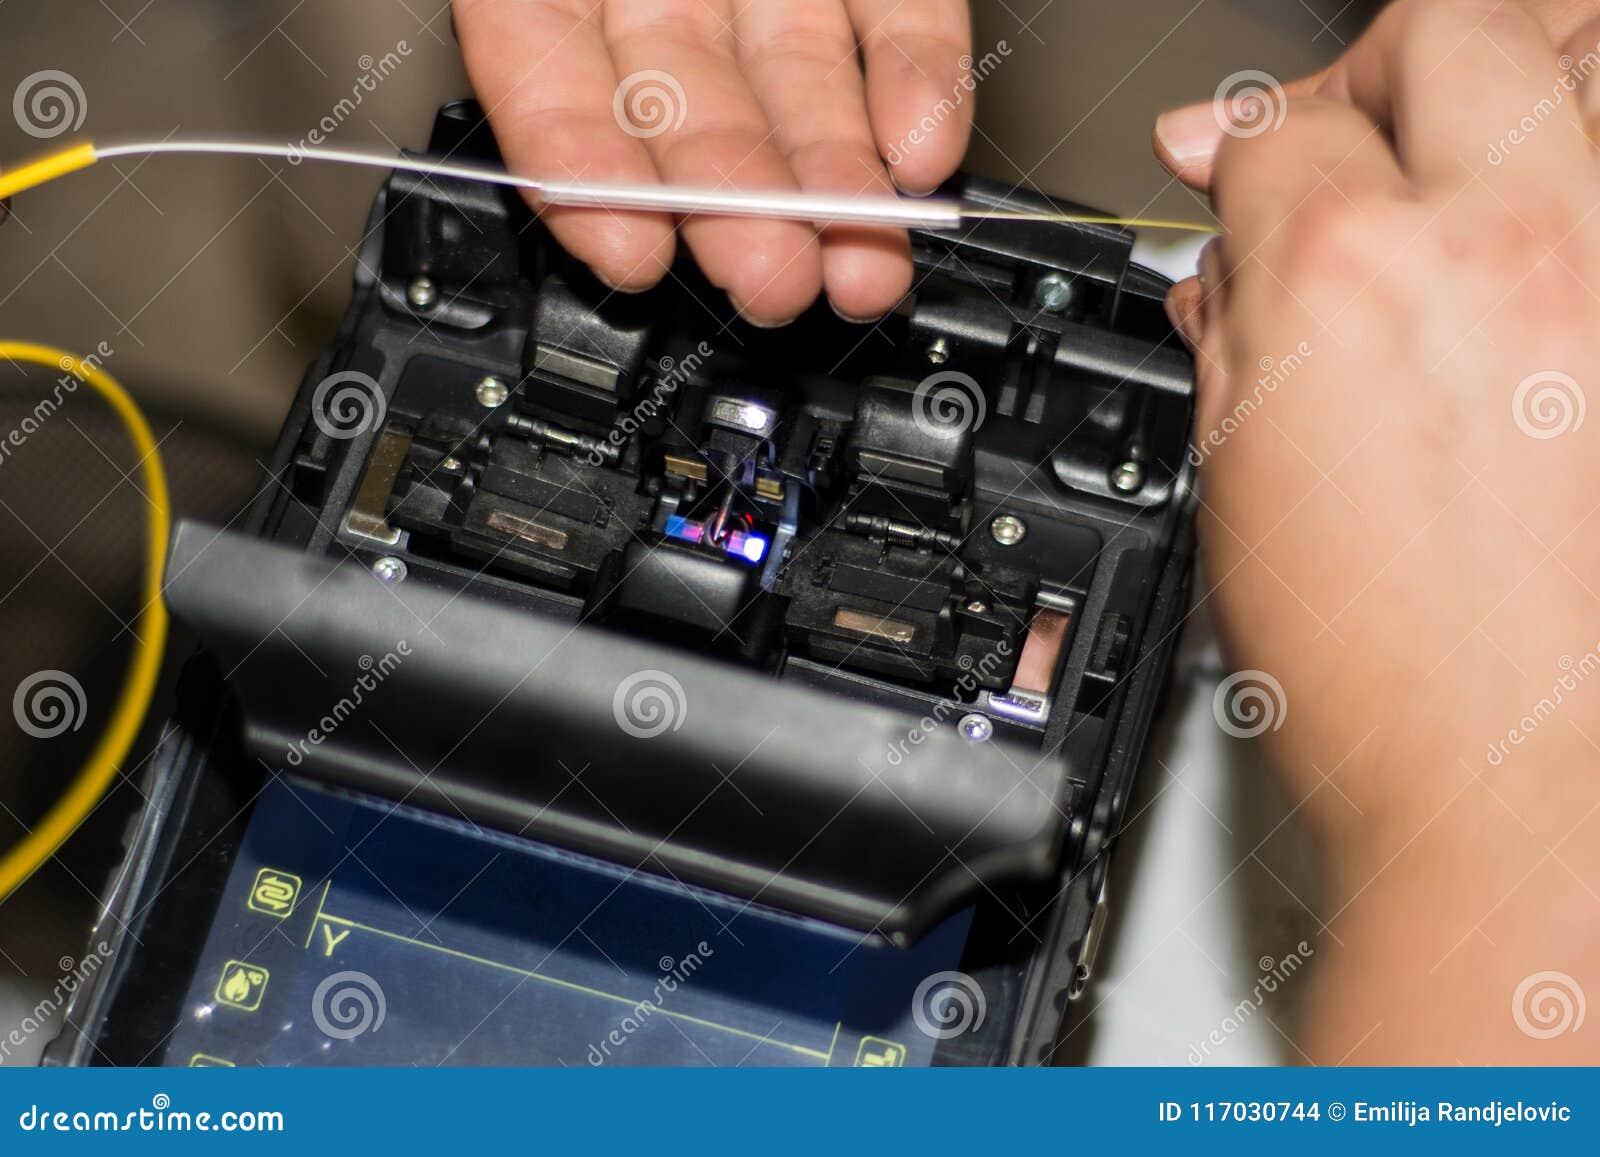 Καλώδιο οπτικών ινών που συνδέει από το μηχανικό με Splicer τήξης οπτικής ίνας την επαγγελματική μηχανή οργάνων